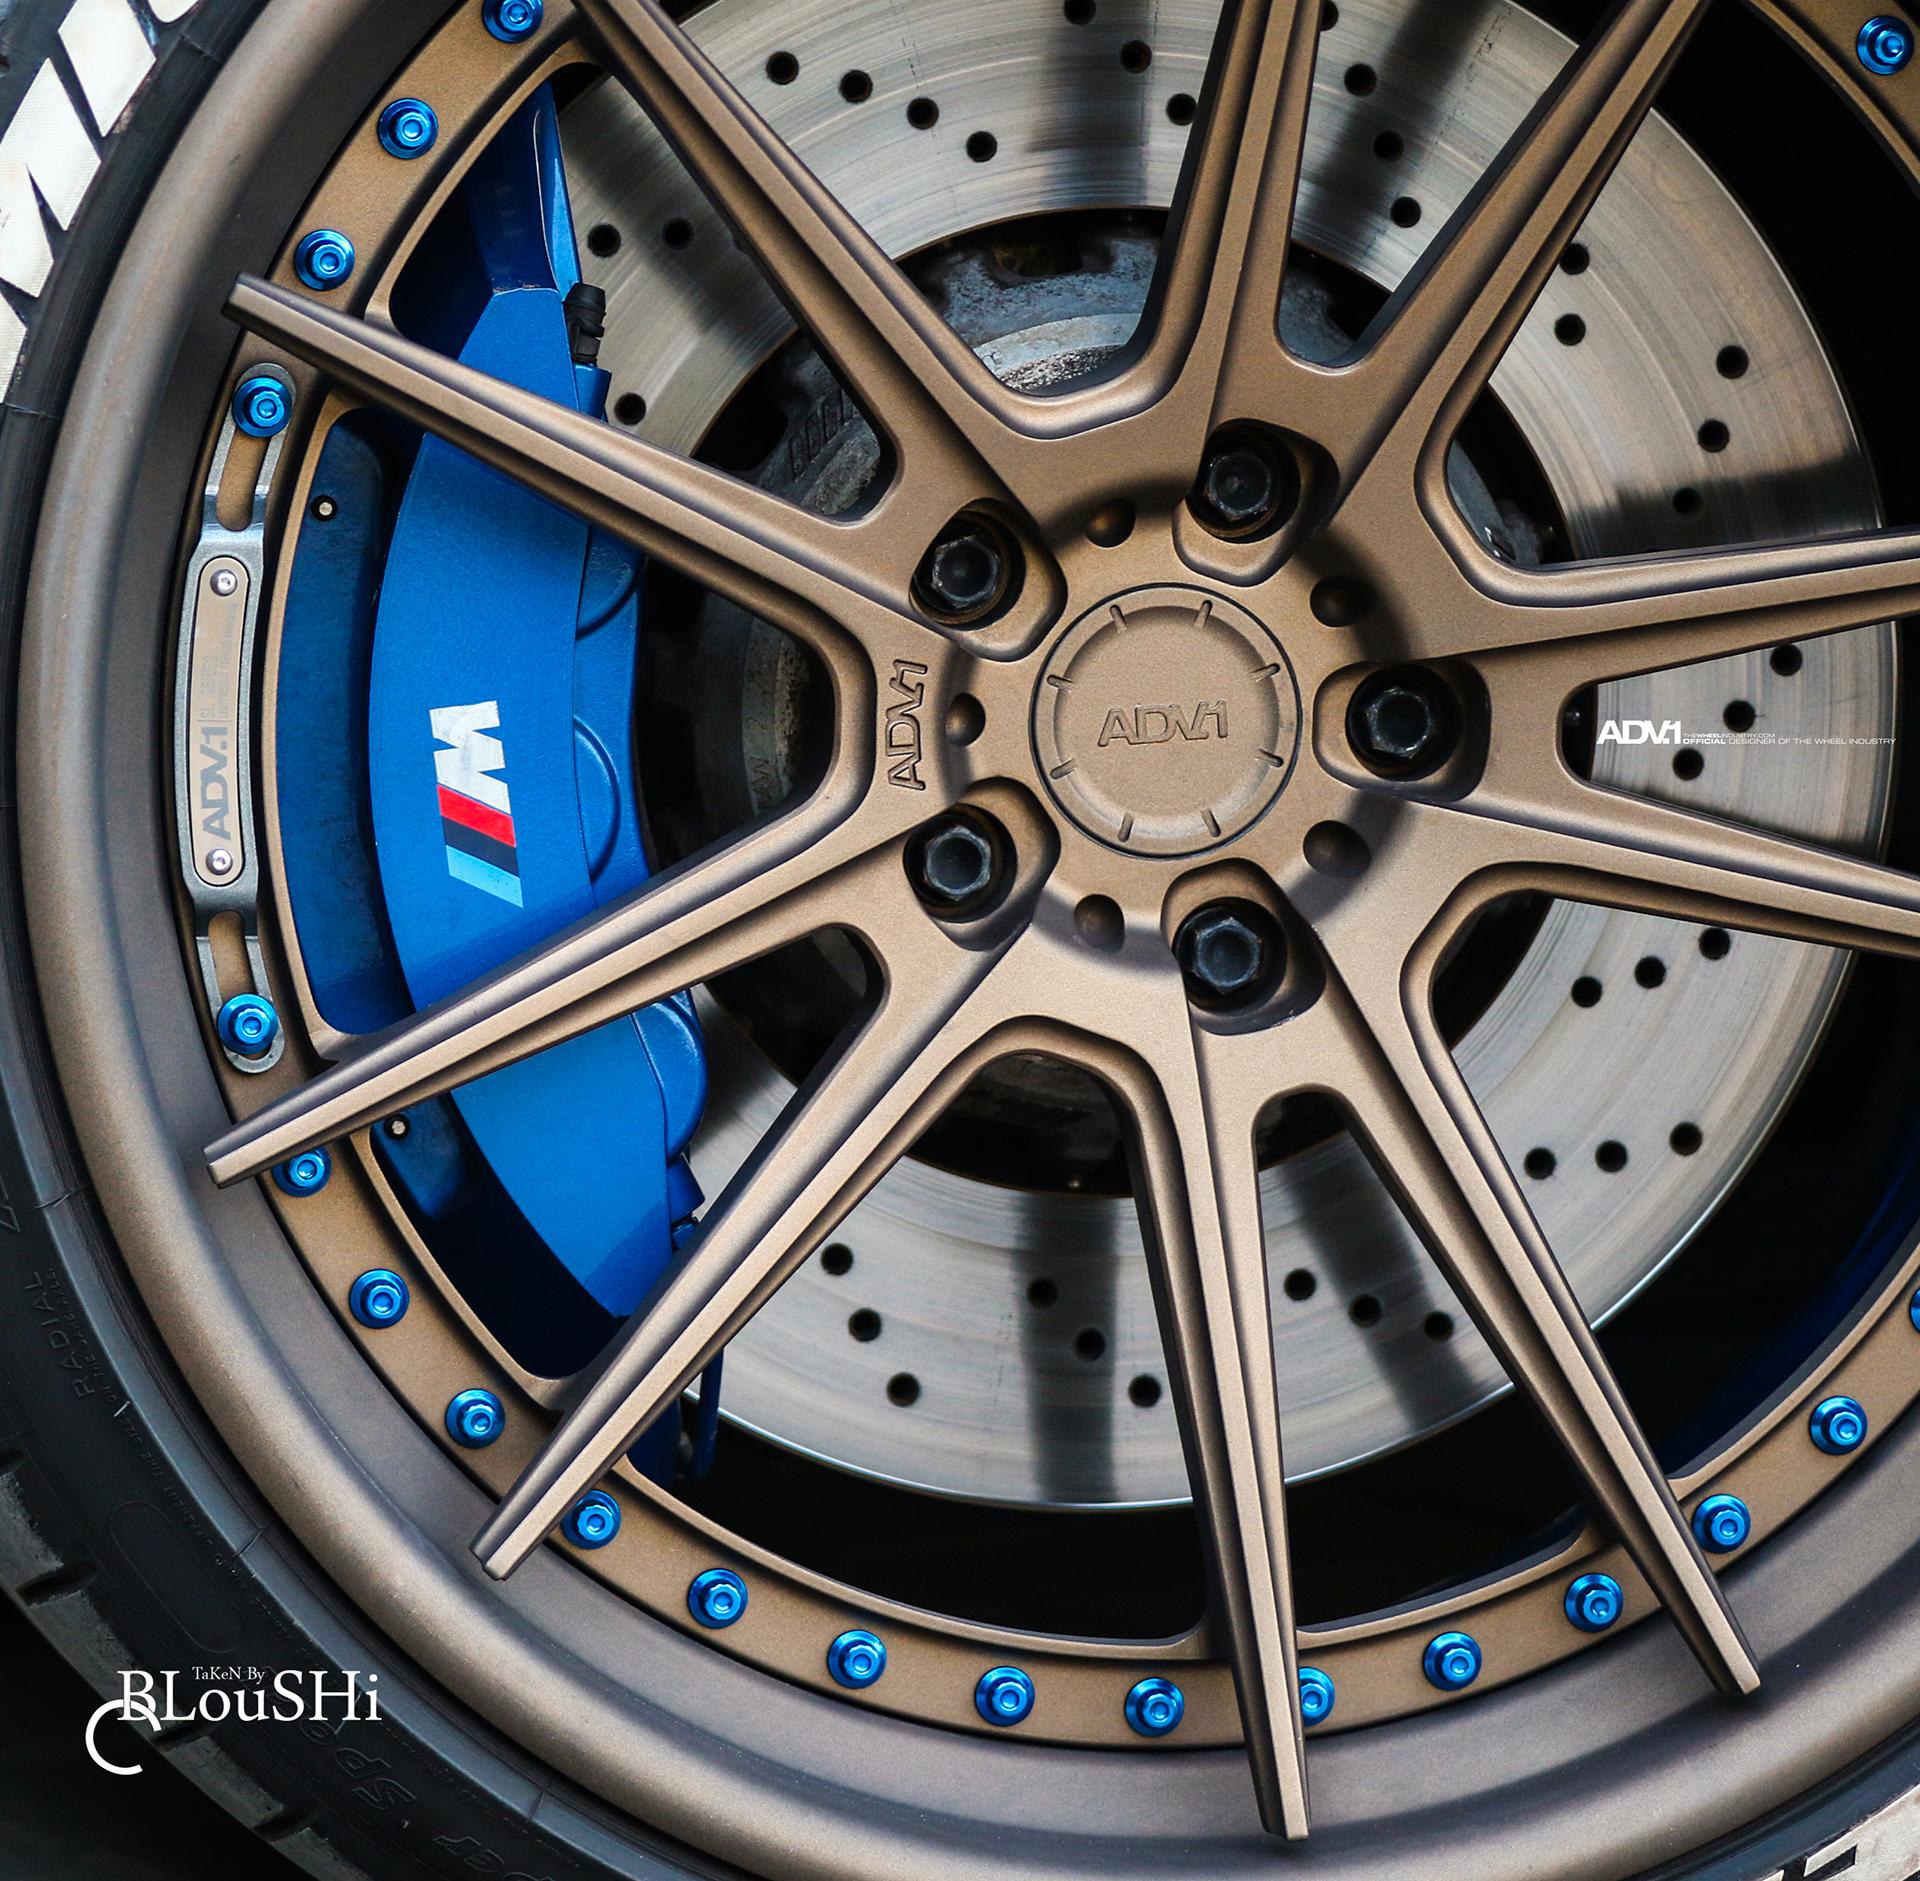 bmw-m6-gran-coupe-on-adv-1-wheels-3